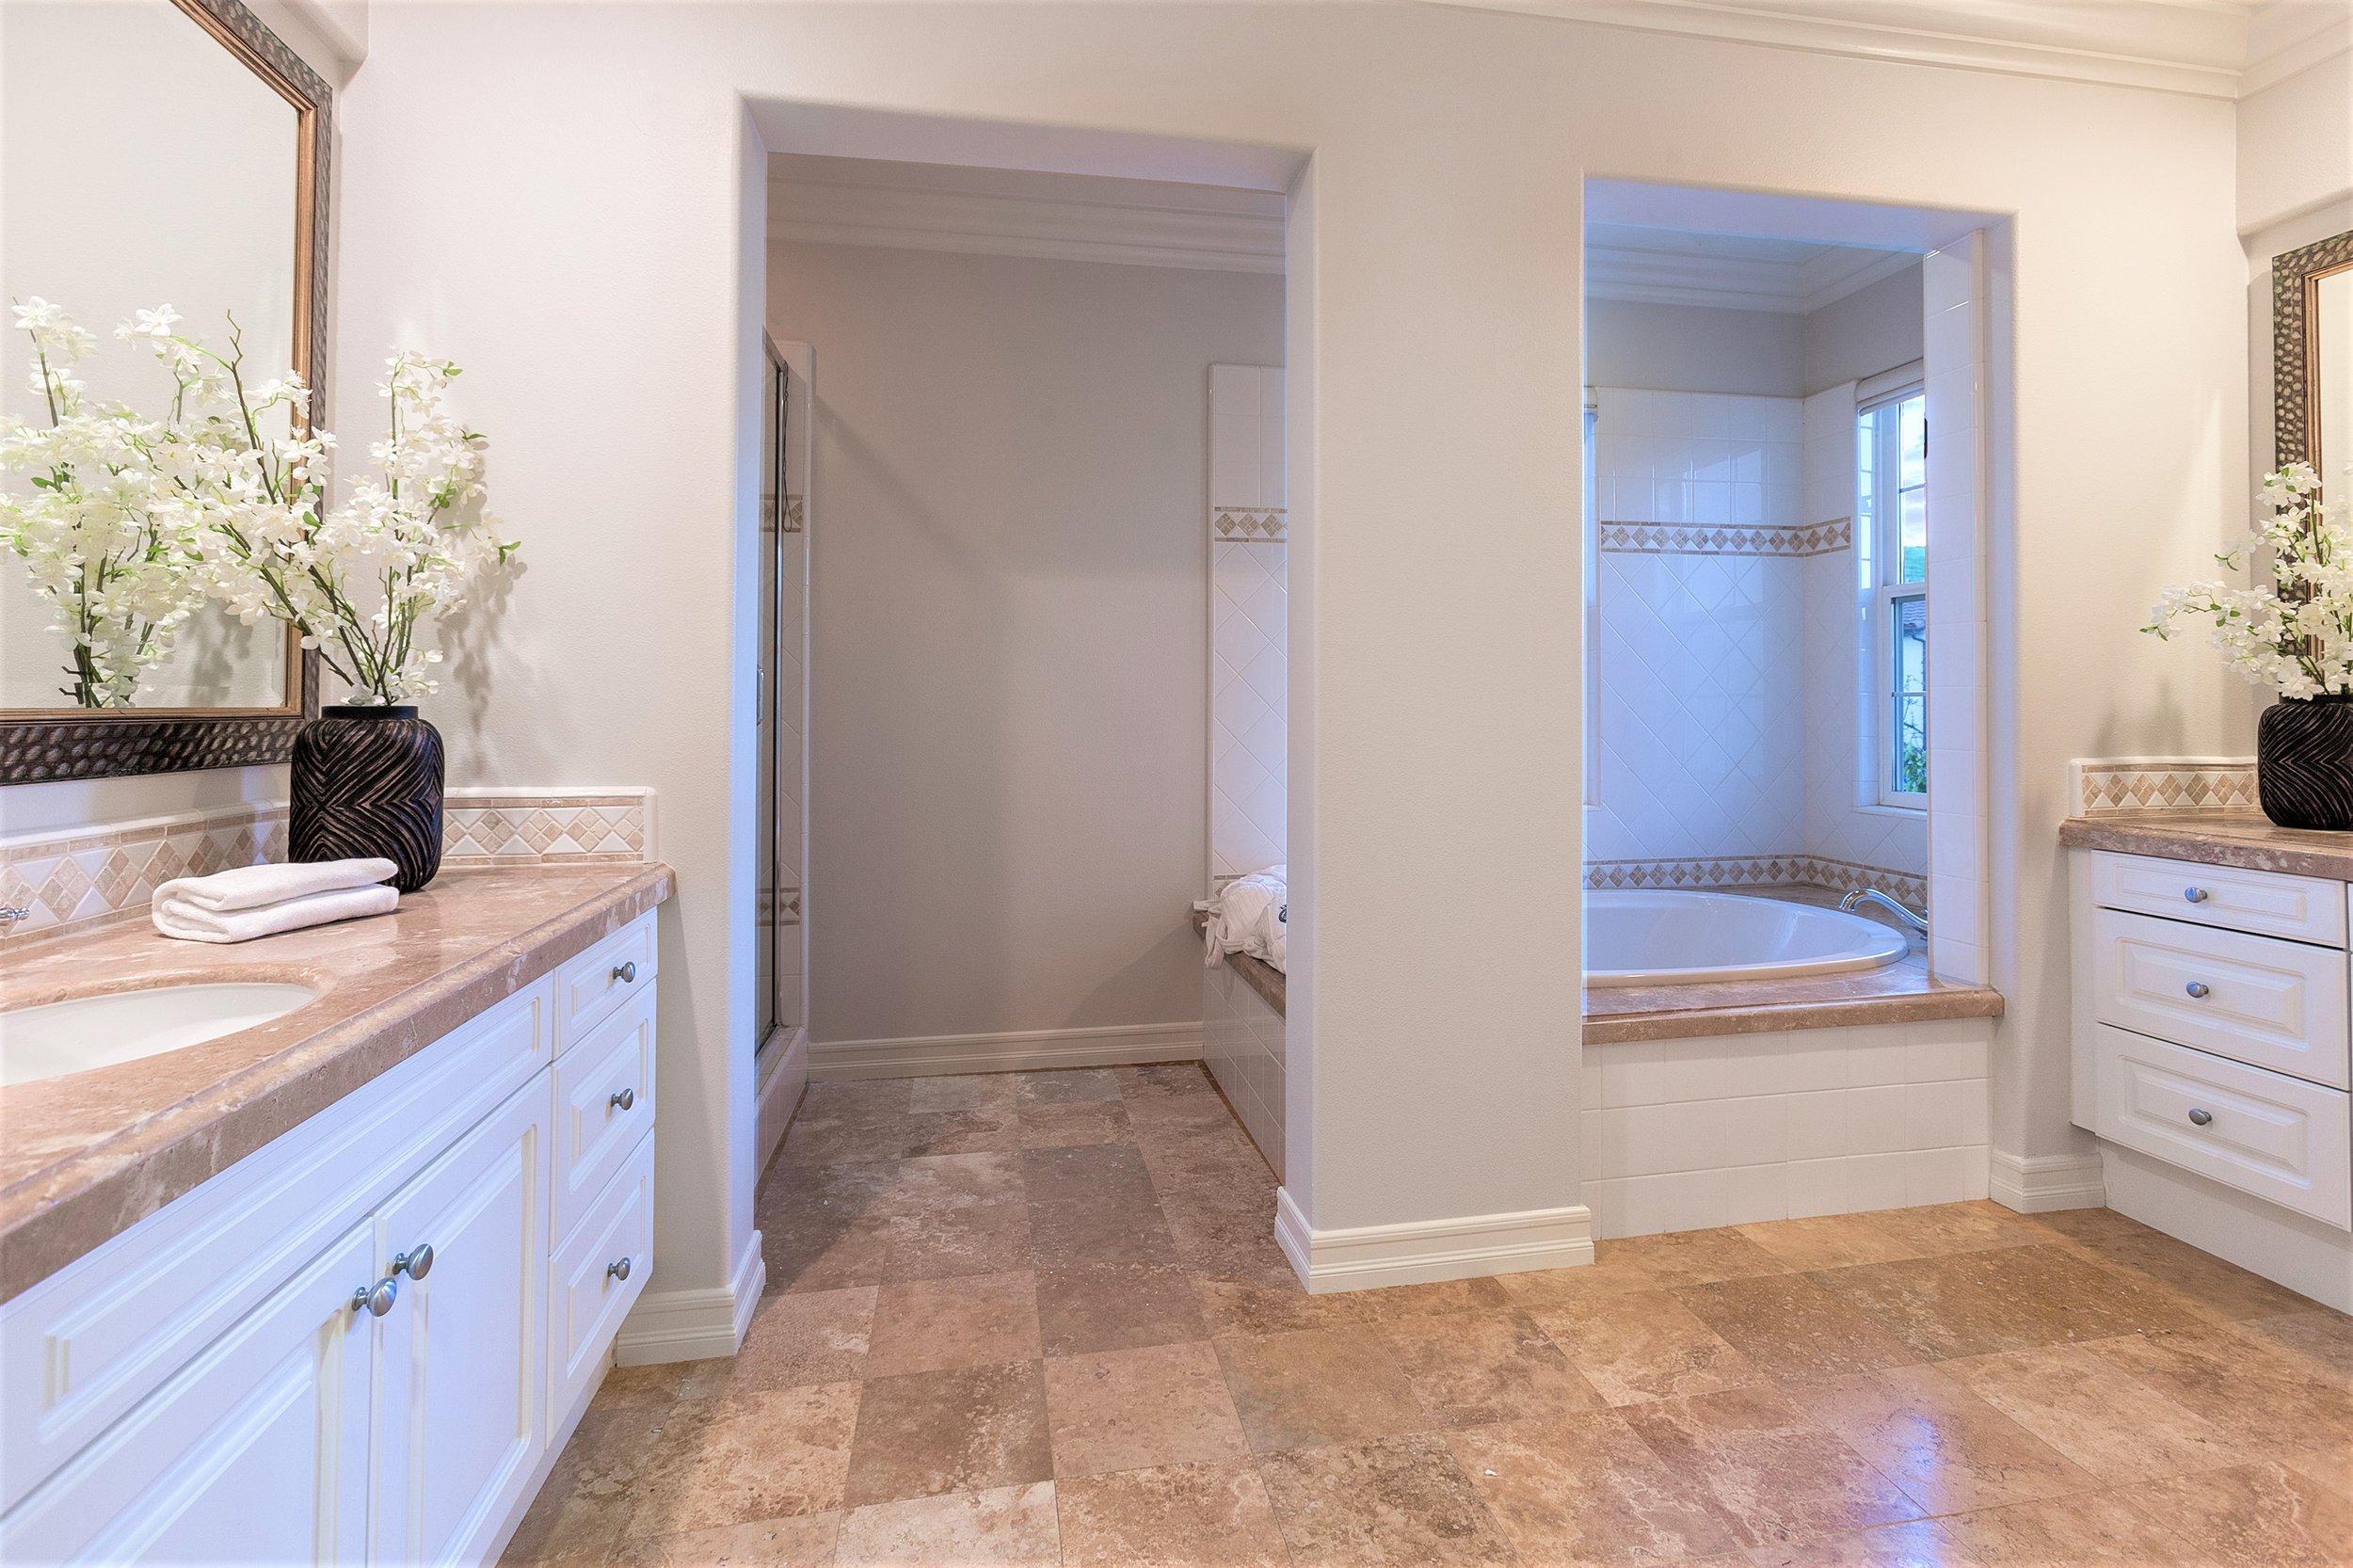 207 Tuberose - Master Bathroom.jpg